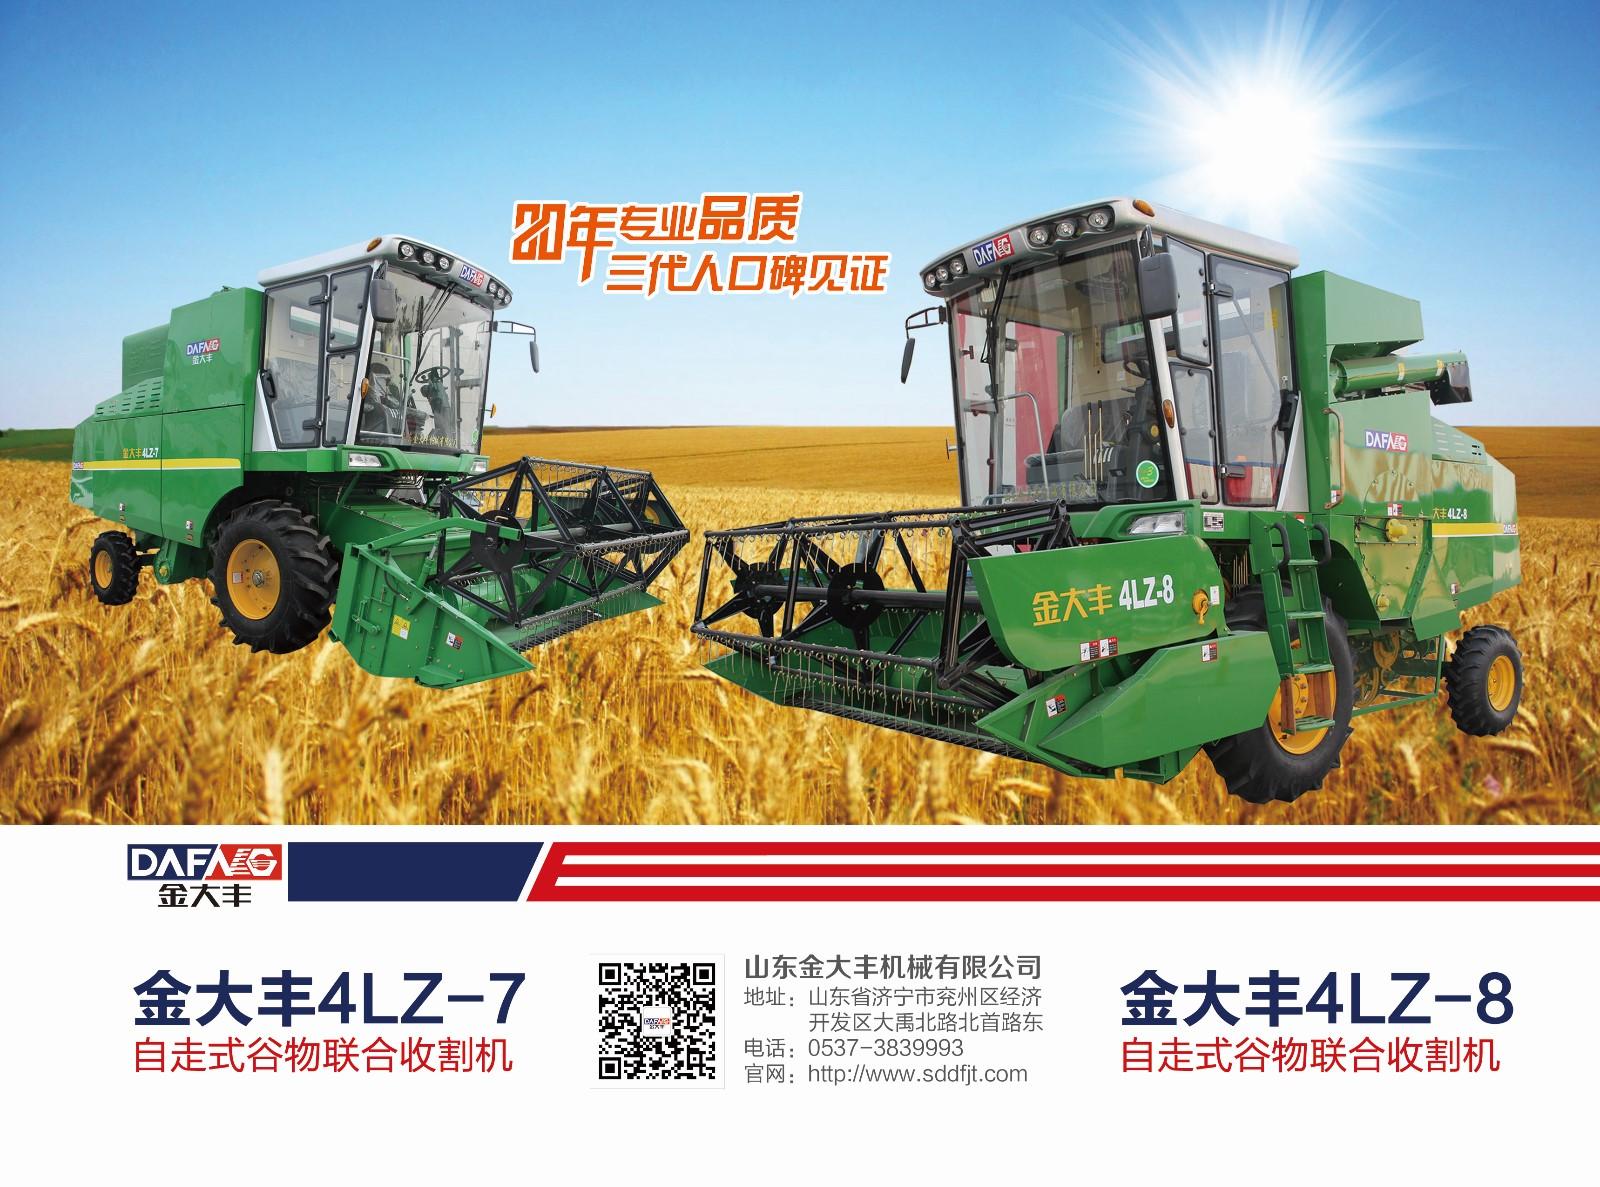 8公斤和7公斤小麦机彩页.jpg